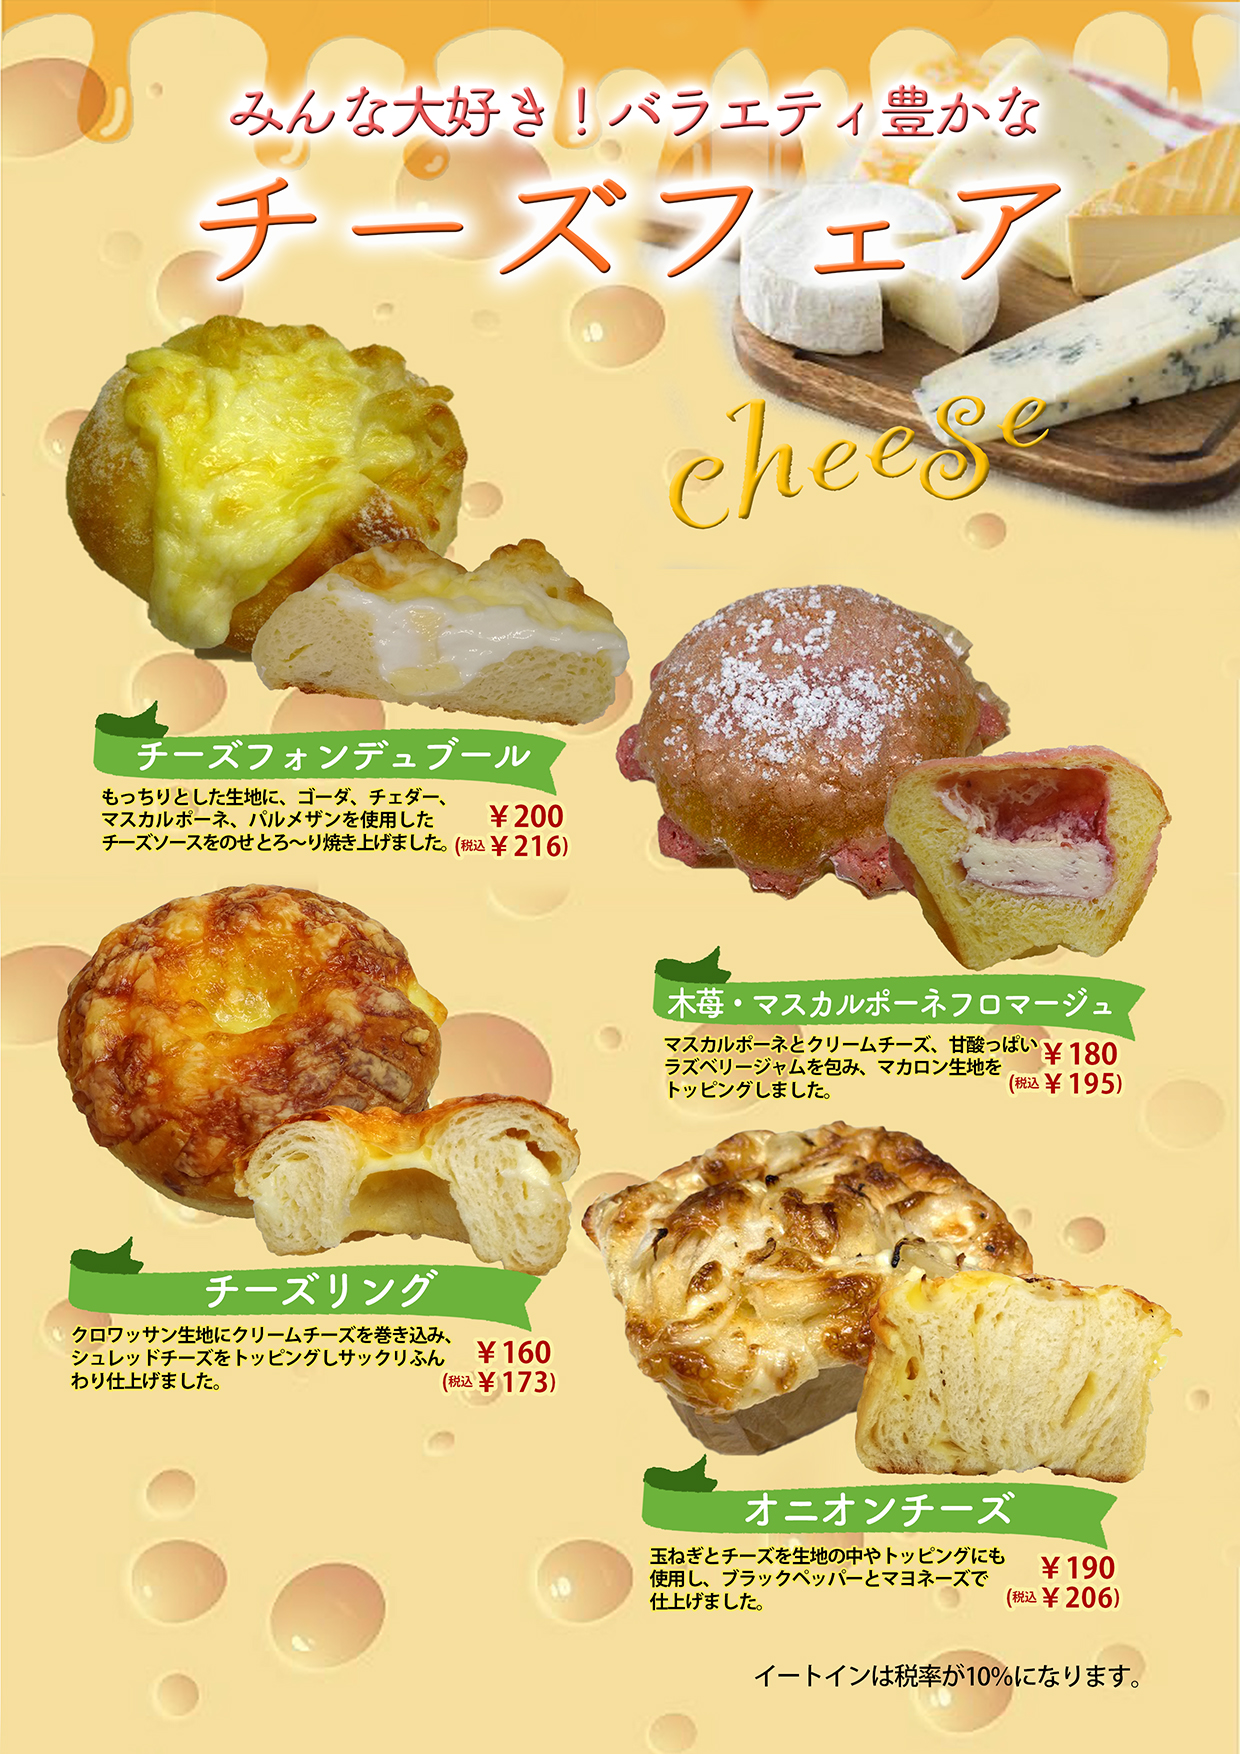 <カスカード>9月は「チーズフェア」